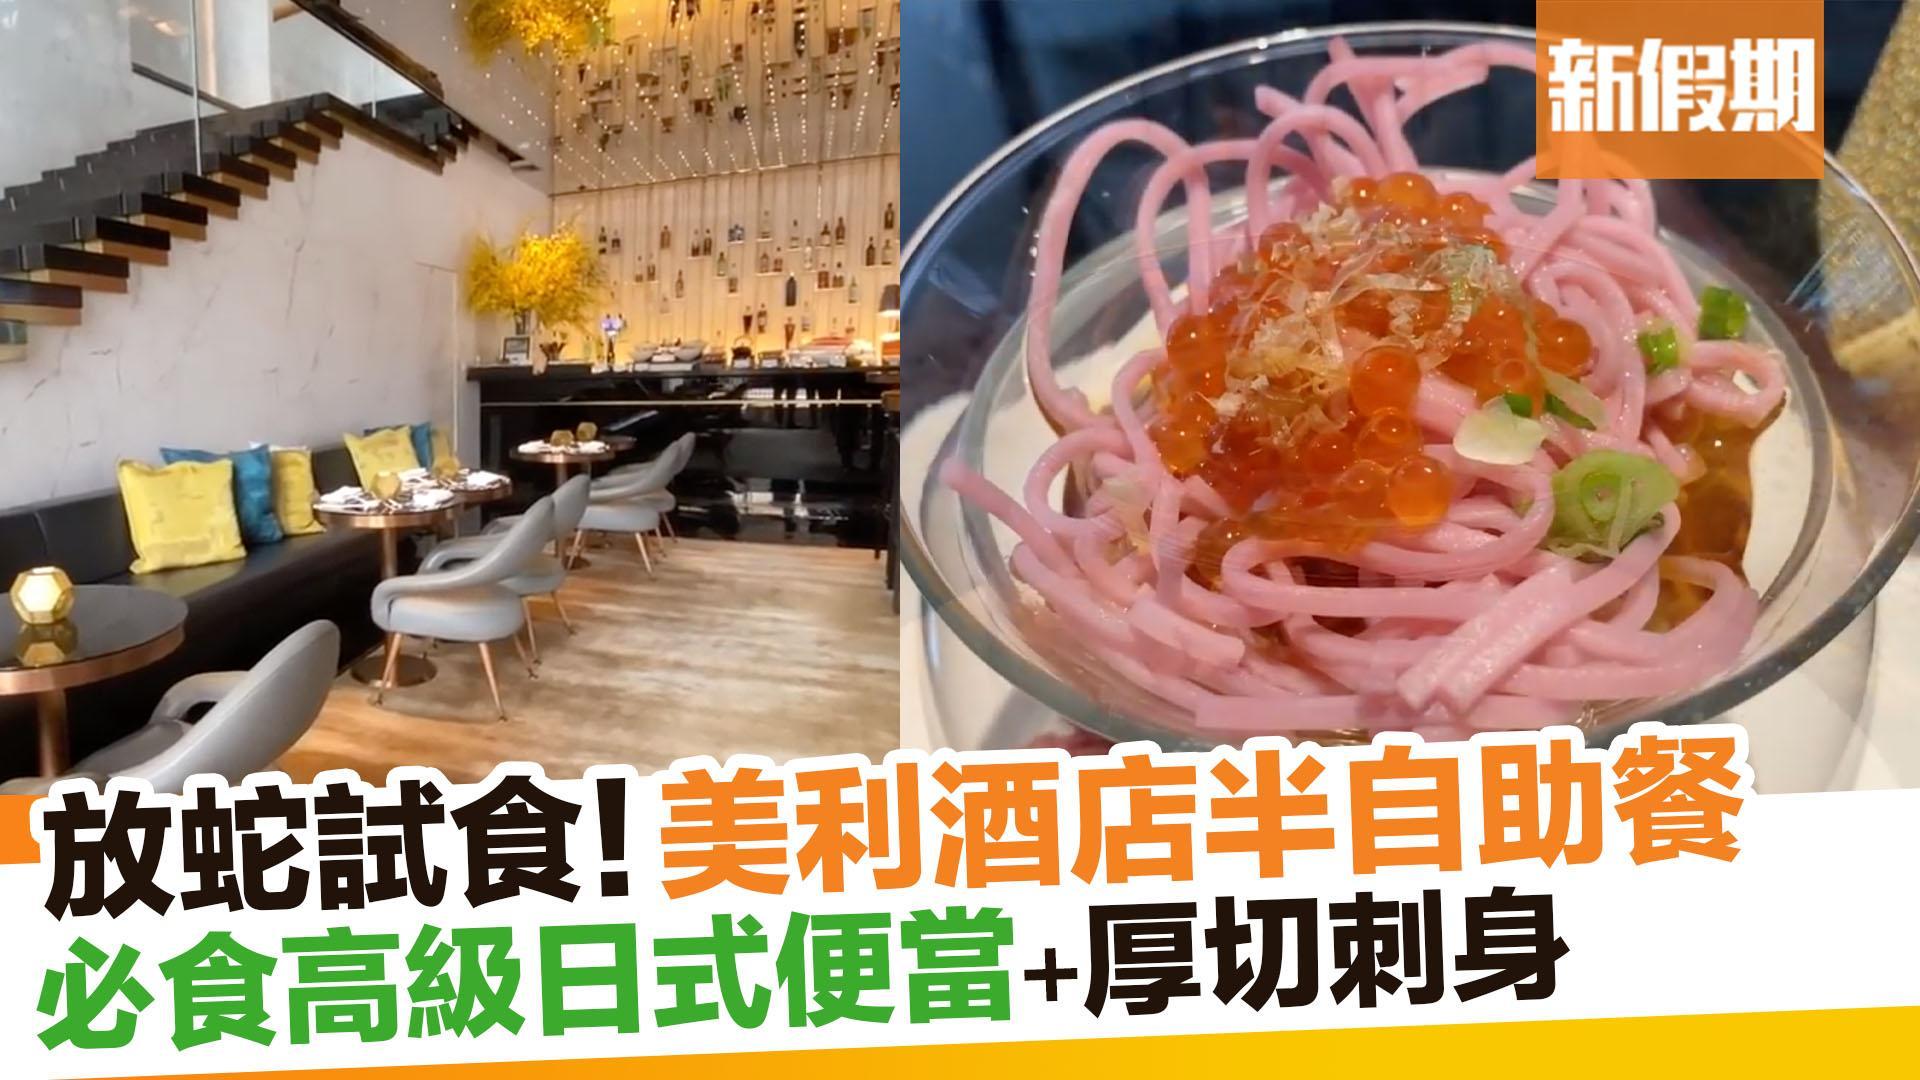 【自助餐放蛇】香港美利酒店Murray Lane半自助午餐 任食厚切刺身+櫻花蕎麥麵 新假期